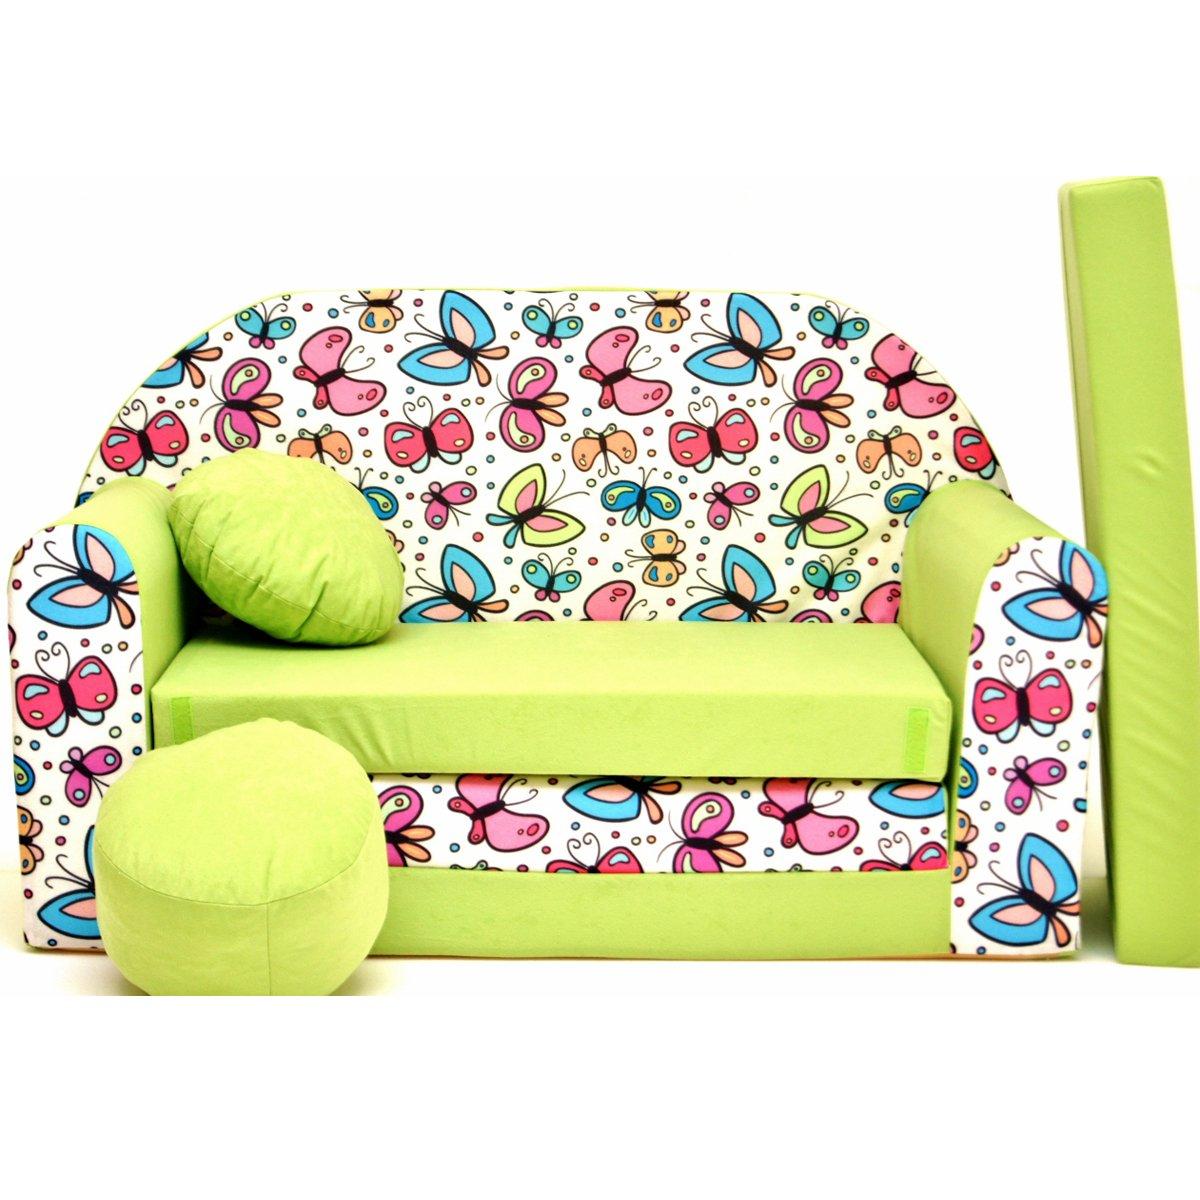 Z36di B Bambini divano pieghevole divano letto divano sofa Mini Couch 3in 1Baby Set + sedia per bambini e cuscino + MATERASSO